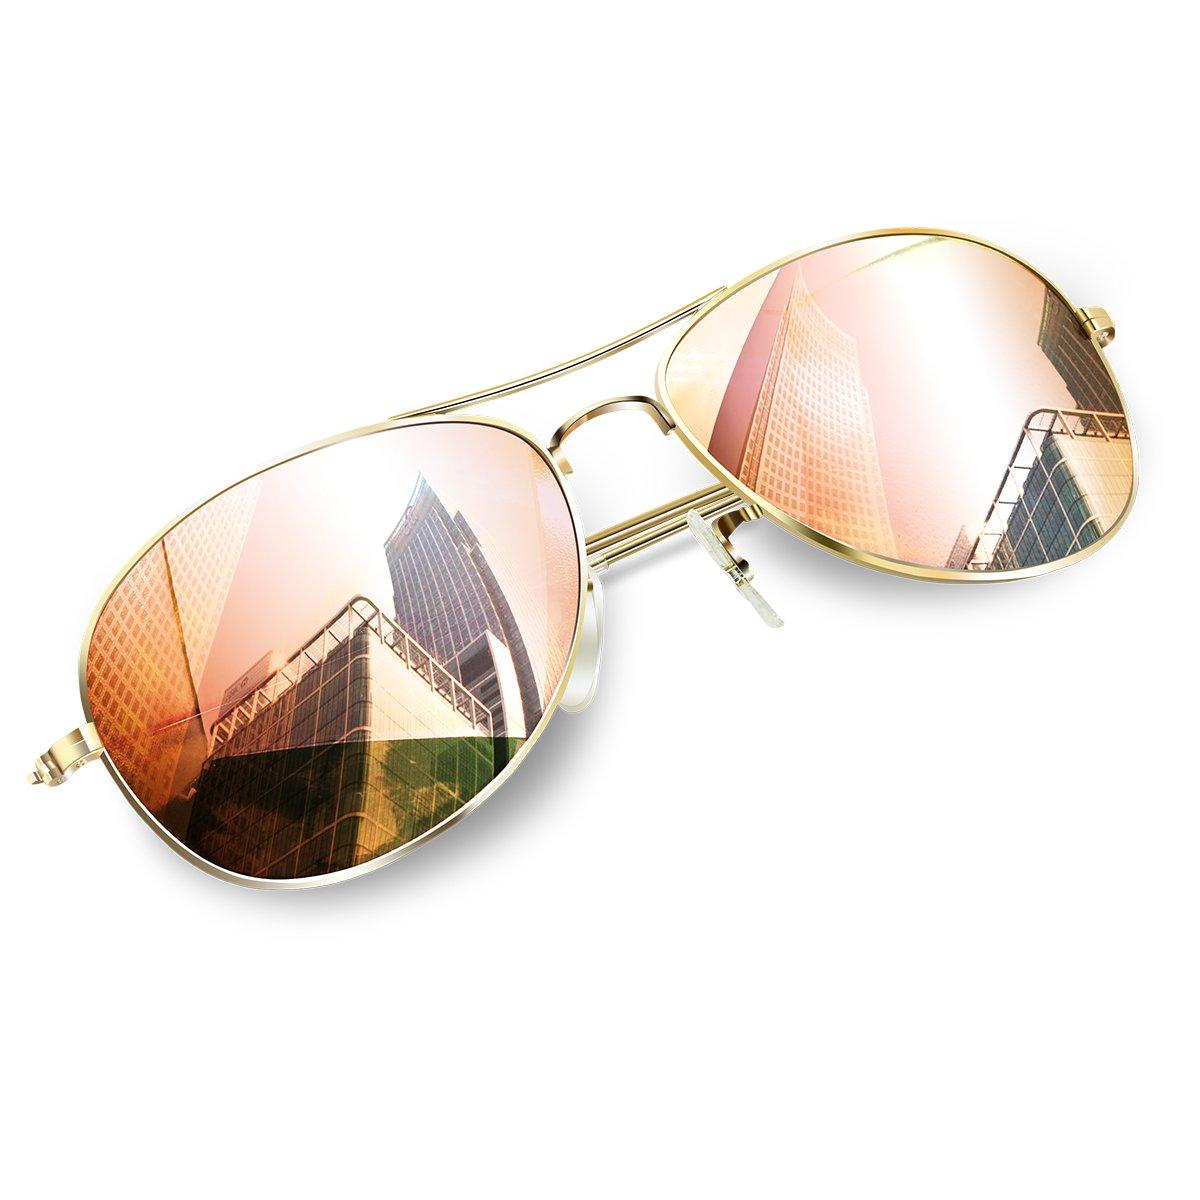 59db1420c5e9 Wenlenie Flieger Kleines Sonnenbrille Damen